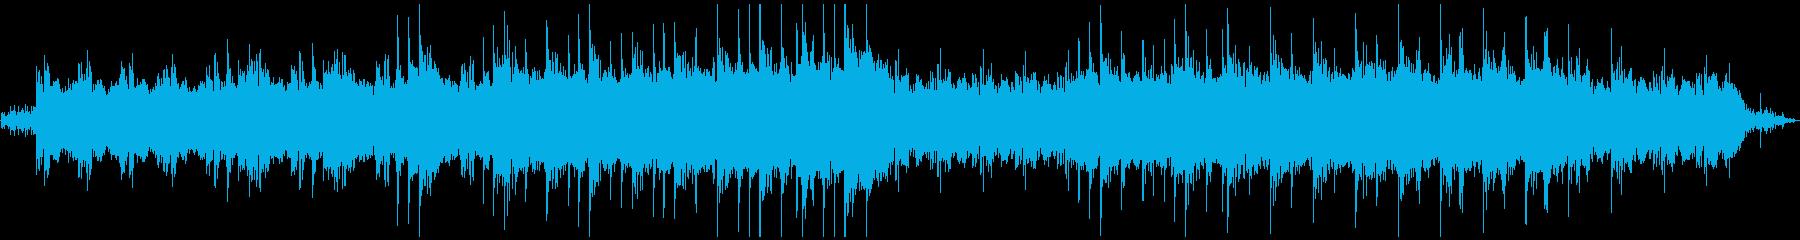 水音とピアノのヒーリング・ミュージックの再生済みの波形